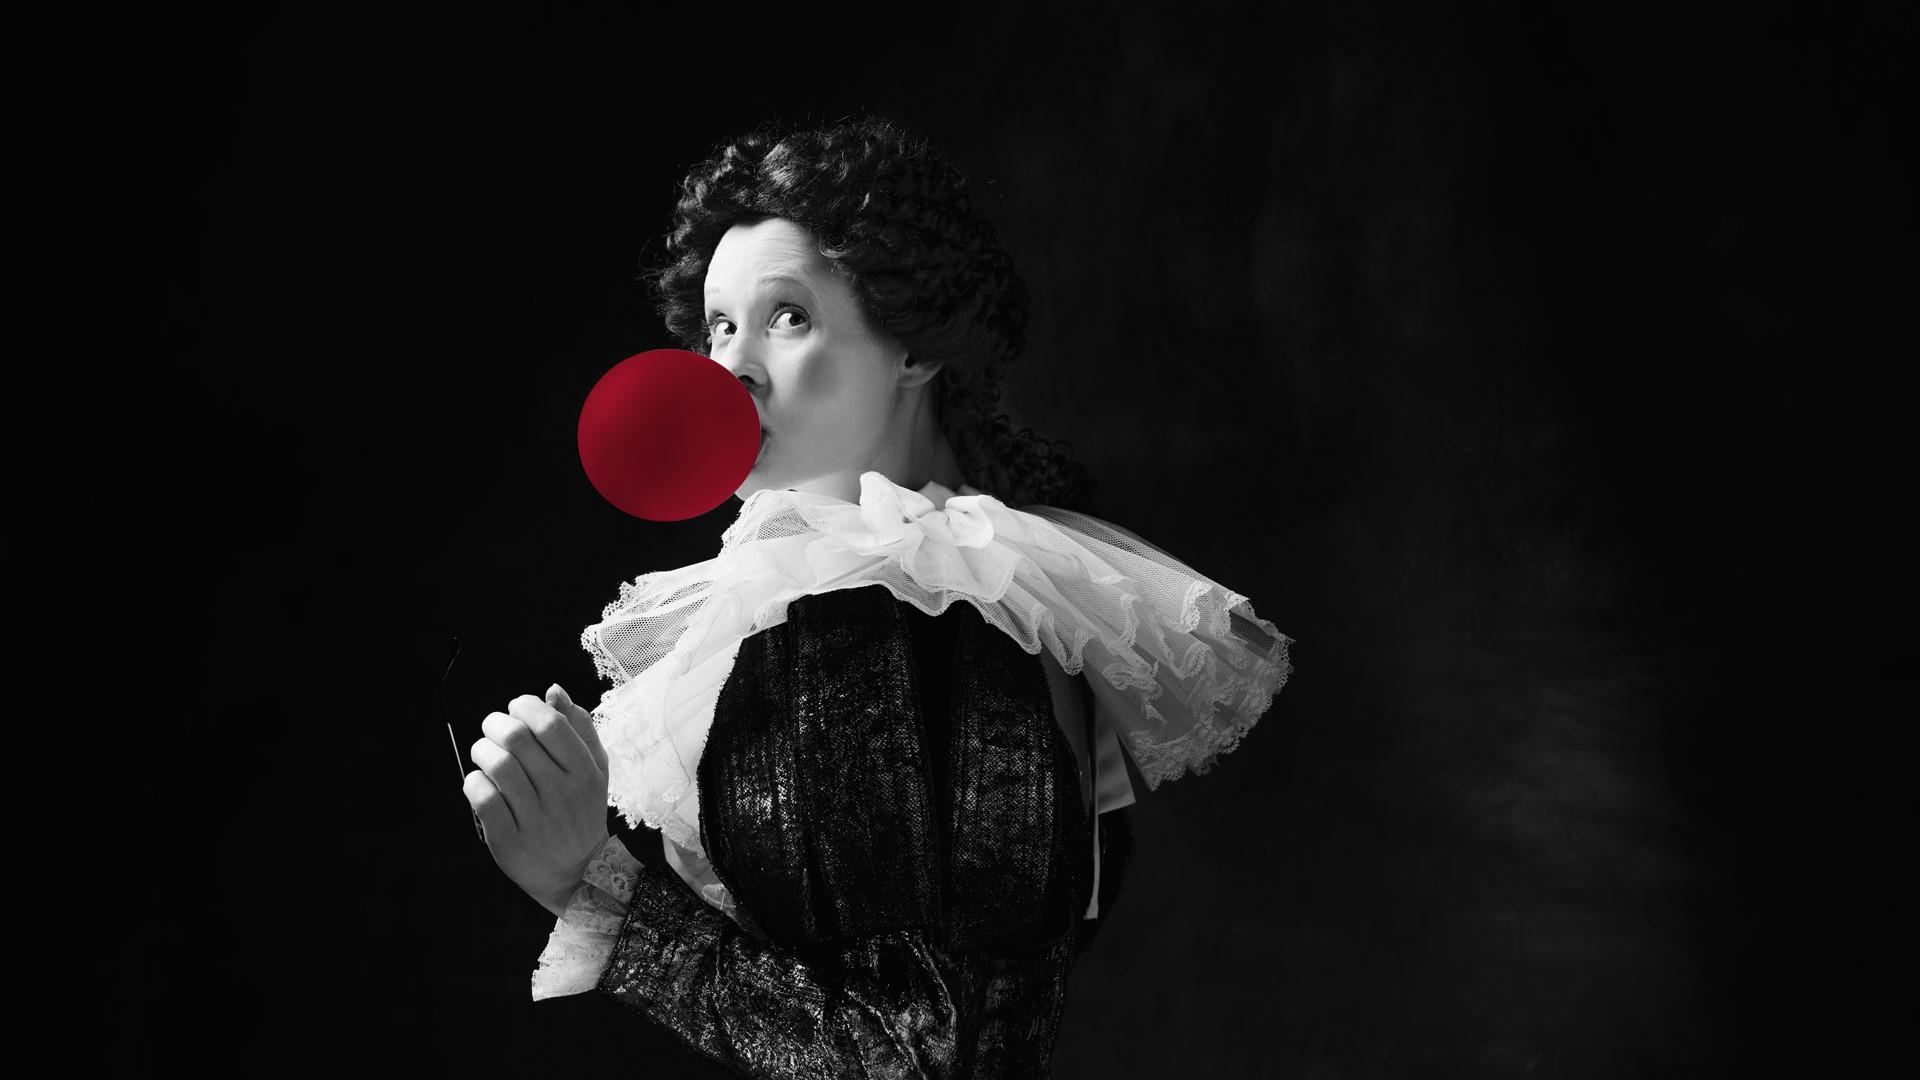 Altmodisch angezogende Dame als Gegentrend zu moderner Kaugummiblase